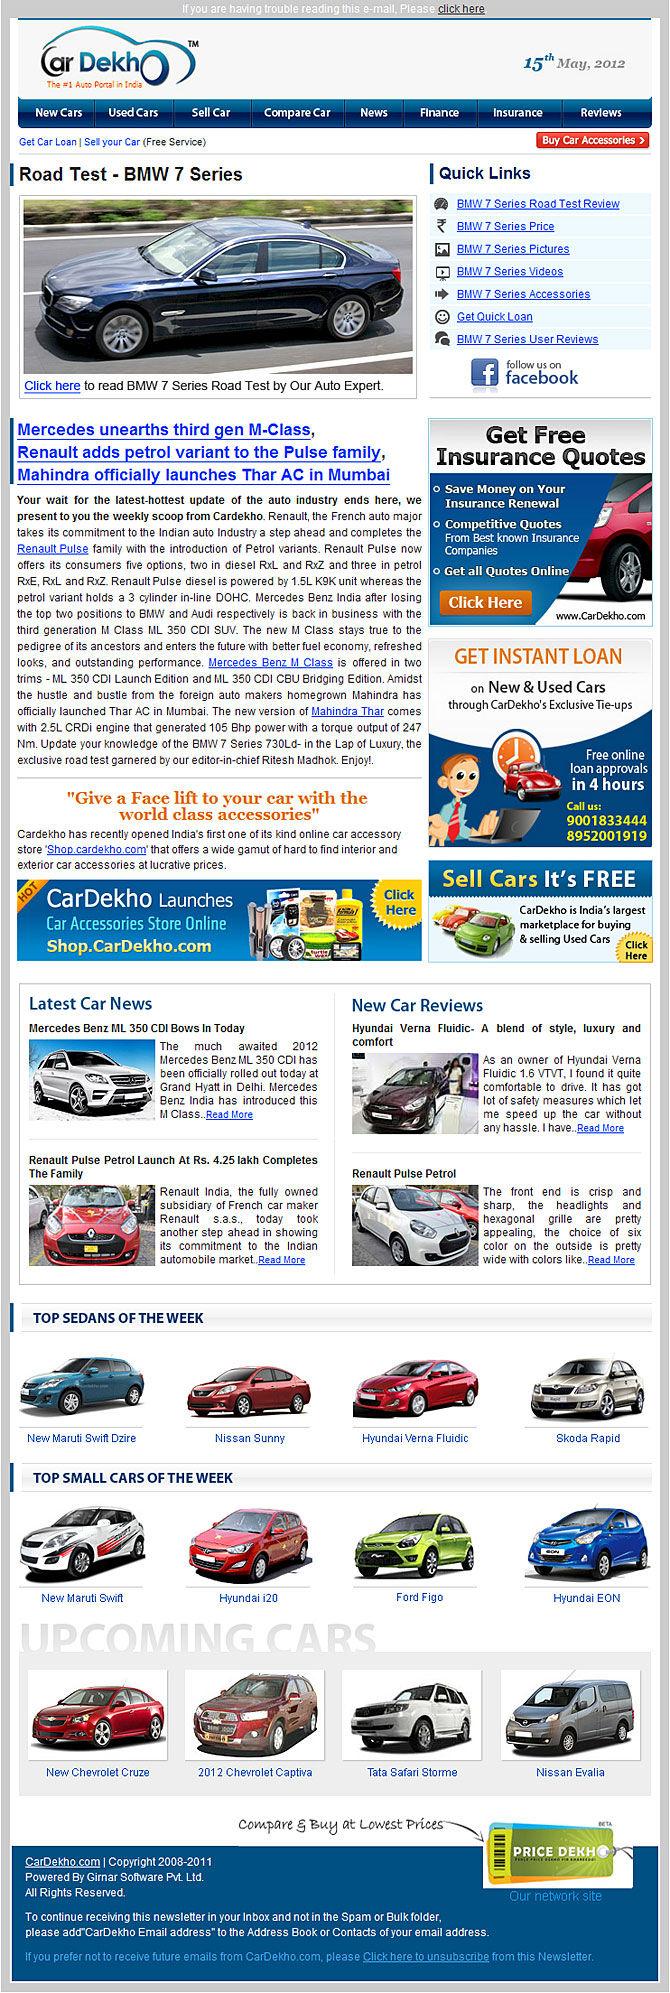 CarDekho NewsLetter - Subscribe Newsletter | CarDekho com